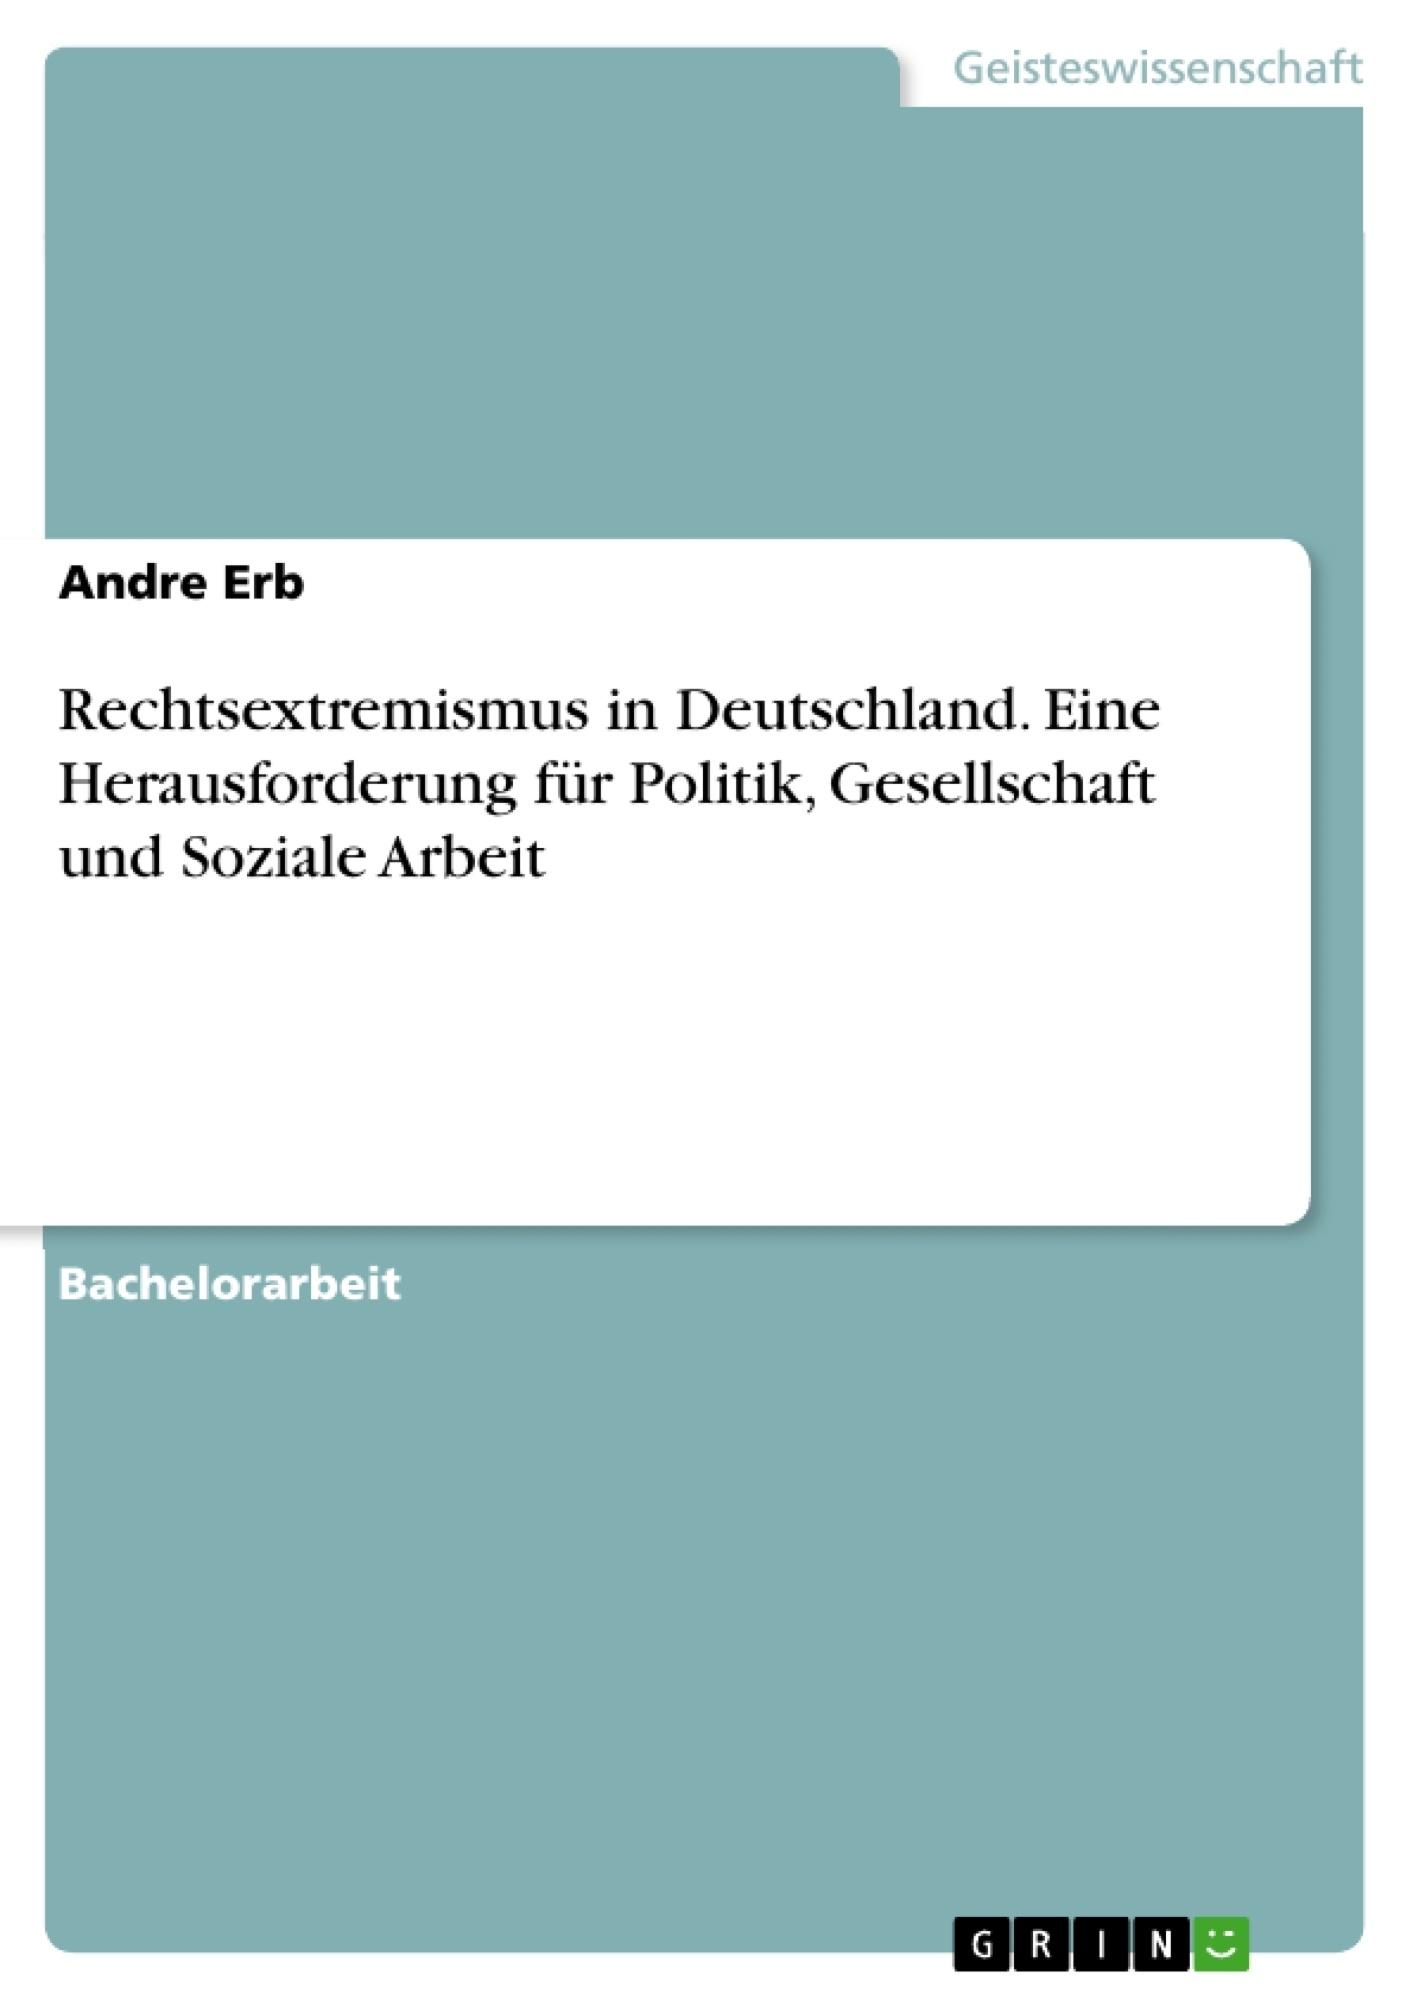 Titel: Rechtsextremismus in Deutschland. Eine Herausforderung für Politik, Gesellschaft und Soziale Arbeit